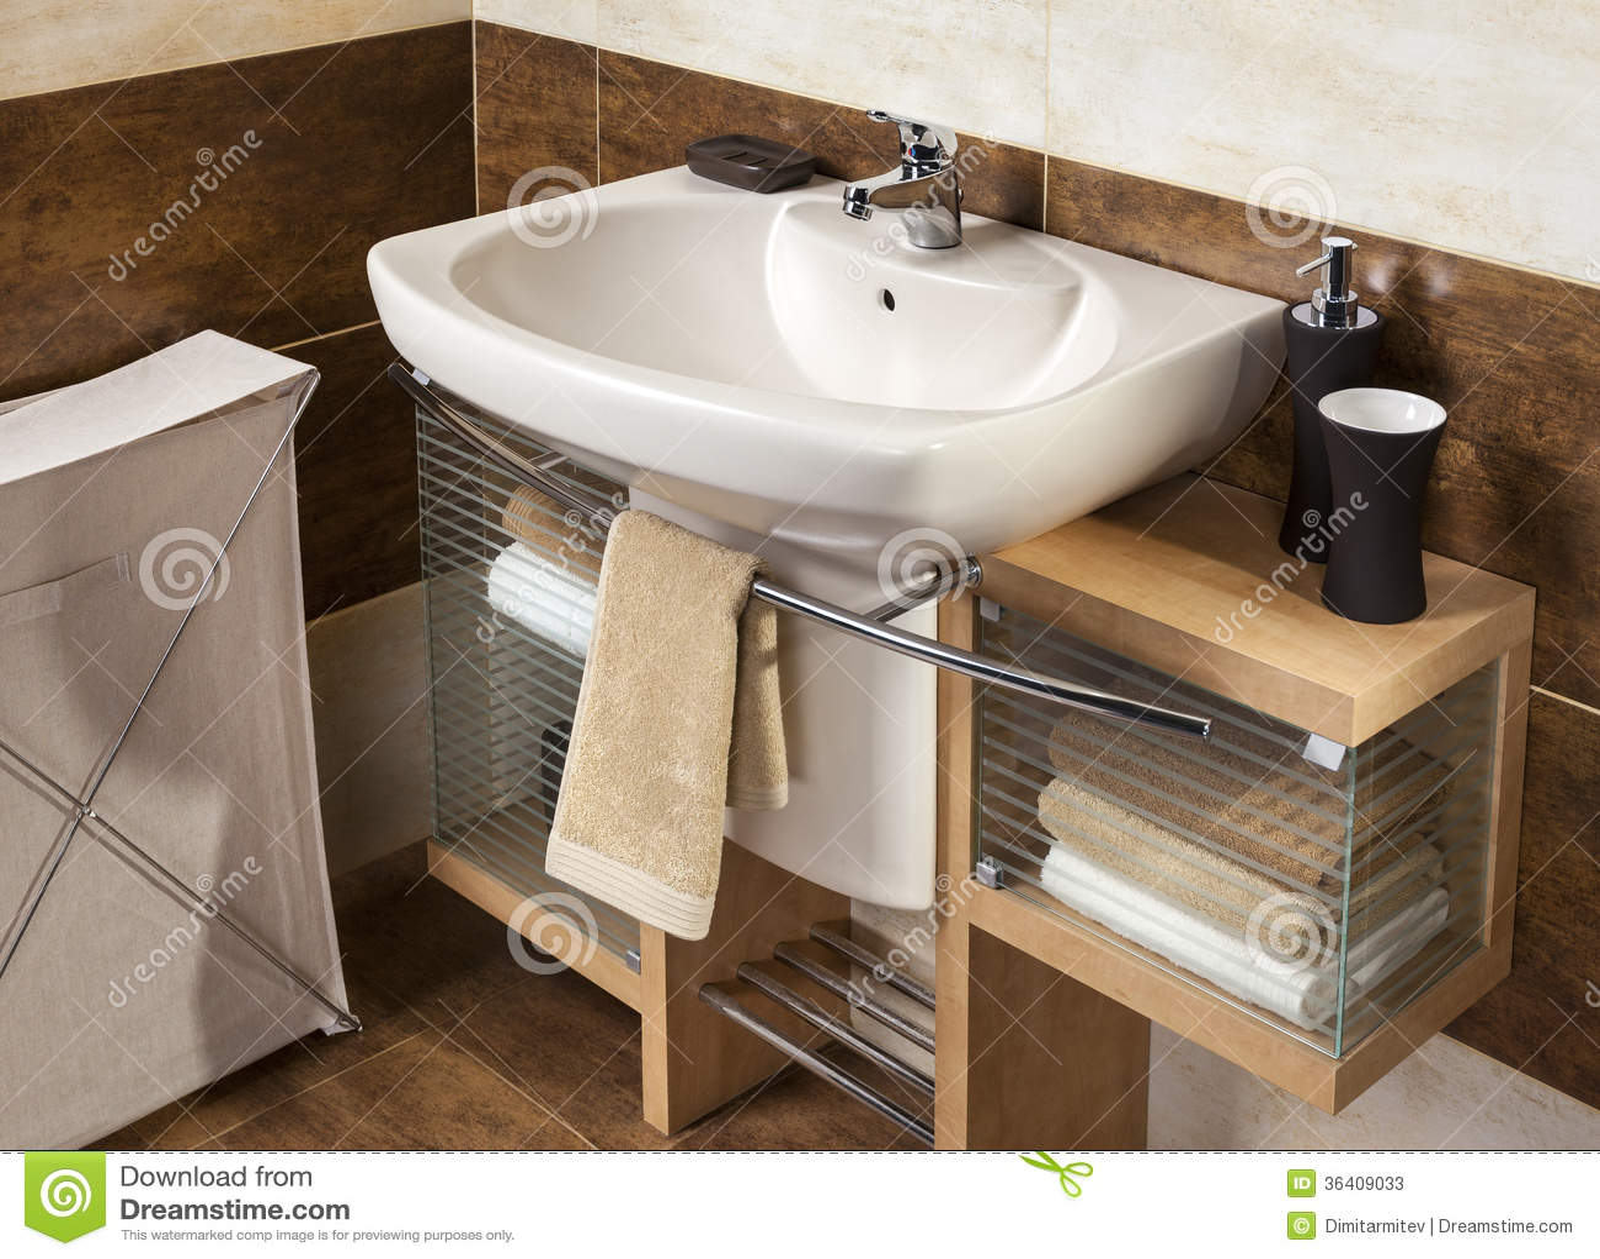 Detalhe De Um Banheiro Moderno Com Dissipador E Acessórios Fotos de  #85AA21 1300x1040 Acessorios Para Banheiro Meber